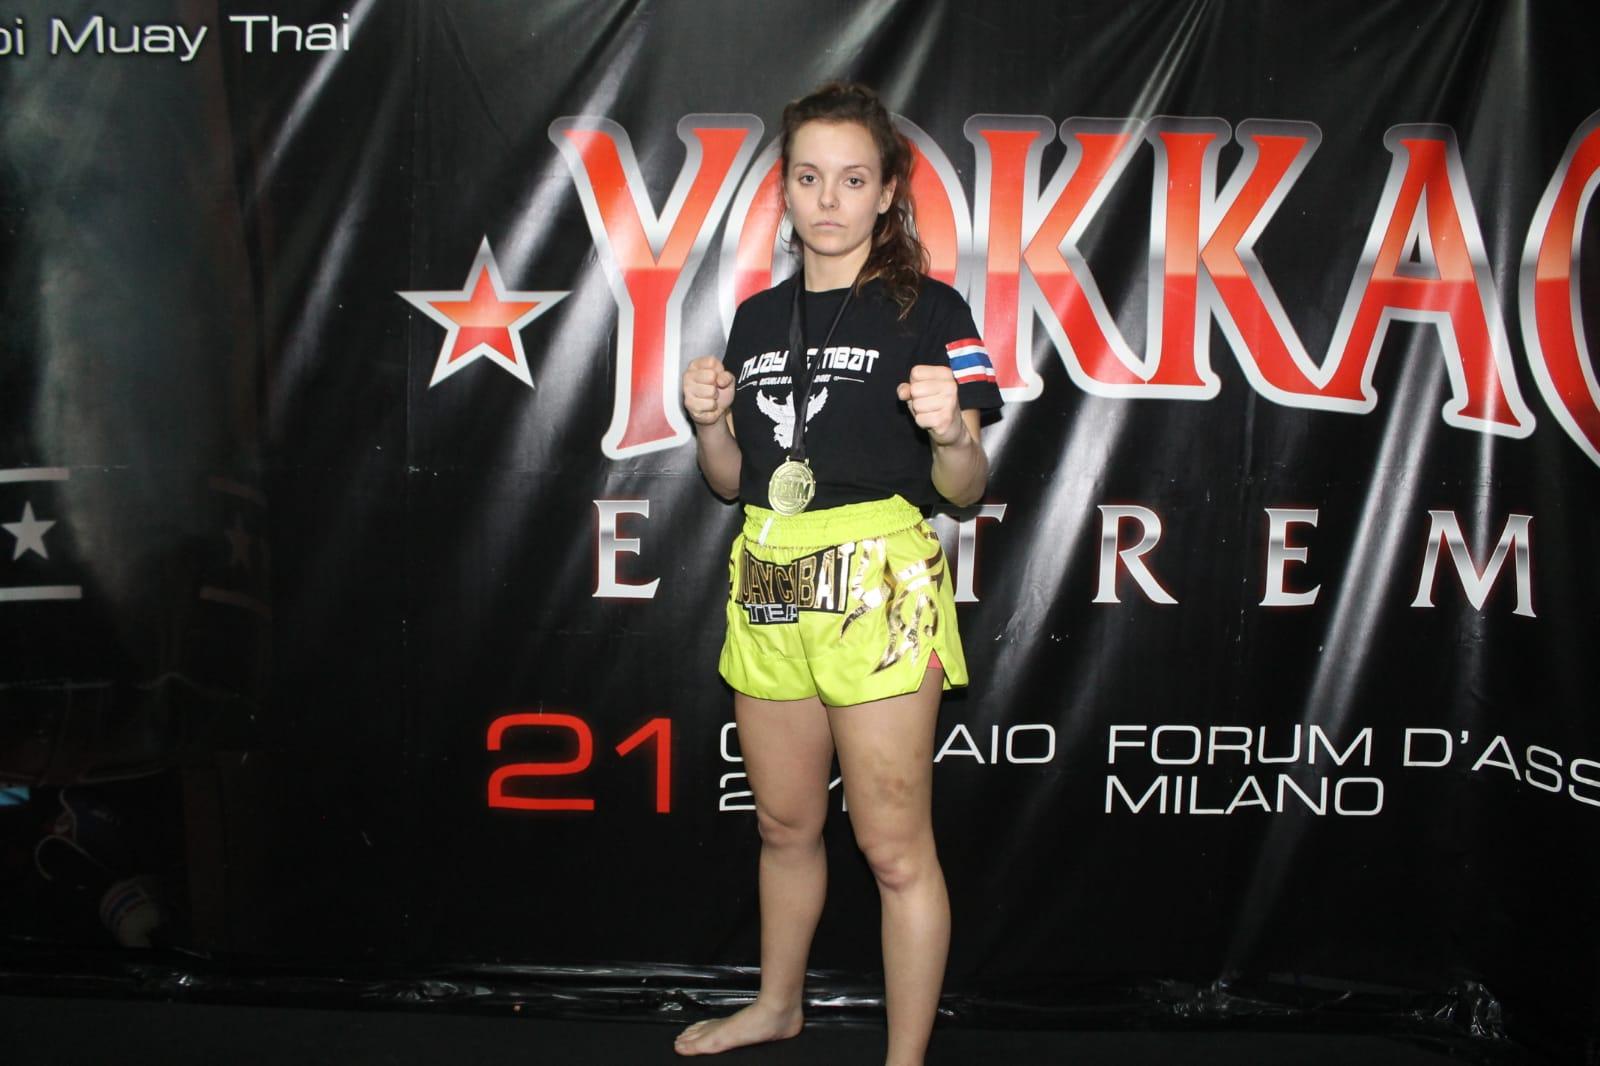 Maite Muay Thai